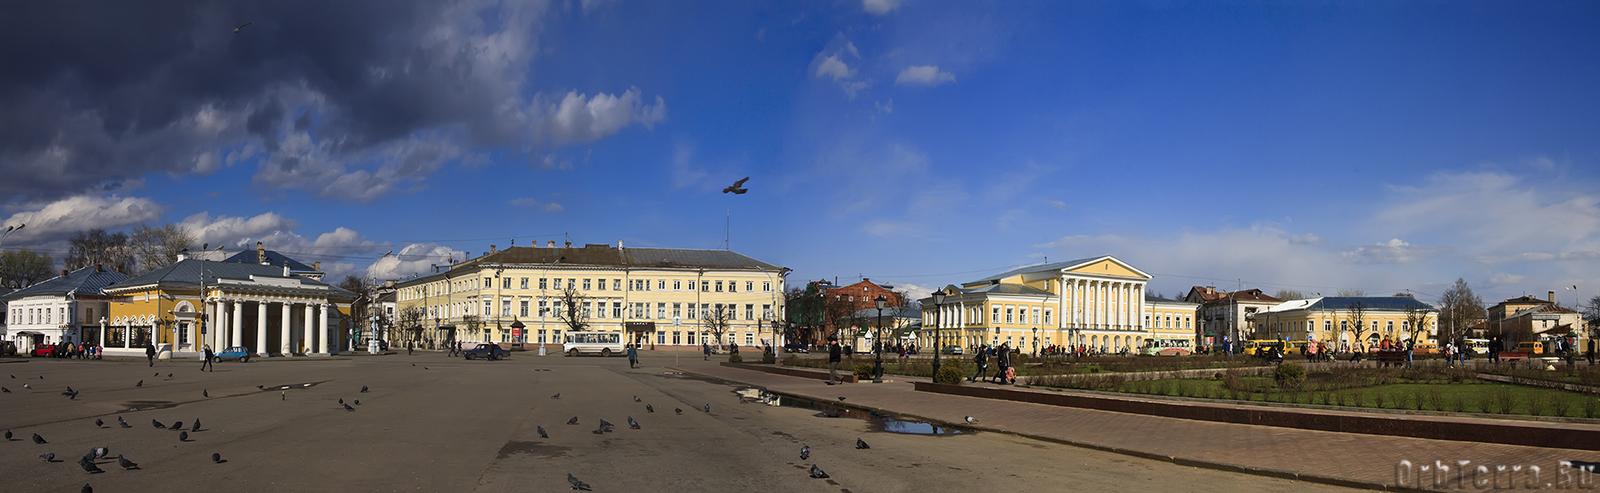 Площадь Ивана Сусанина.